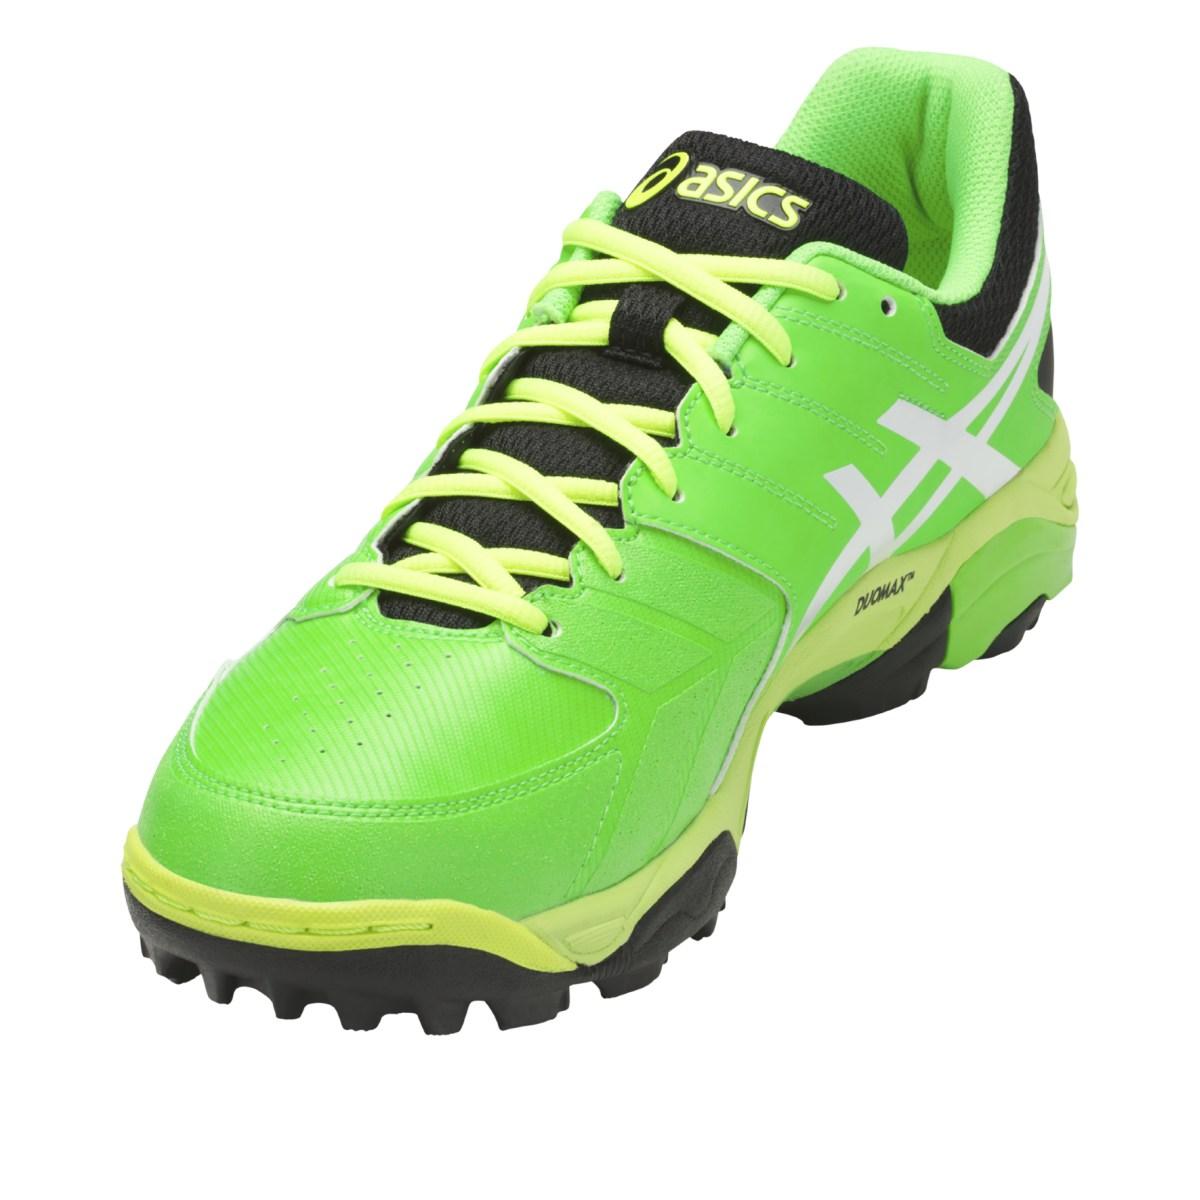 asics voetbal schoenen